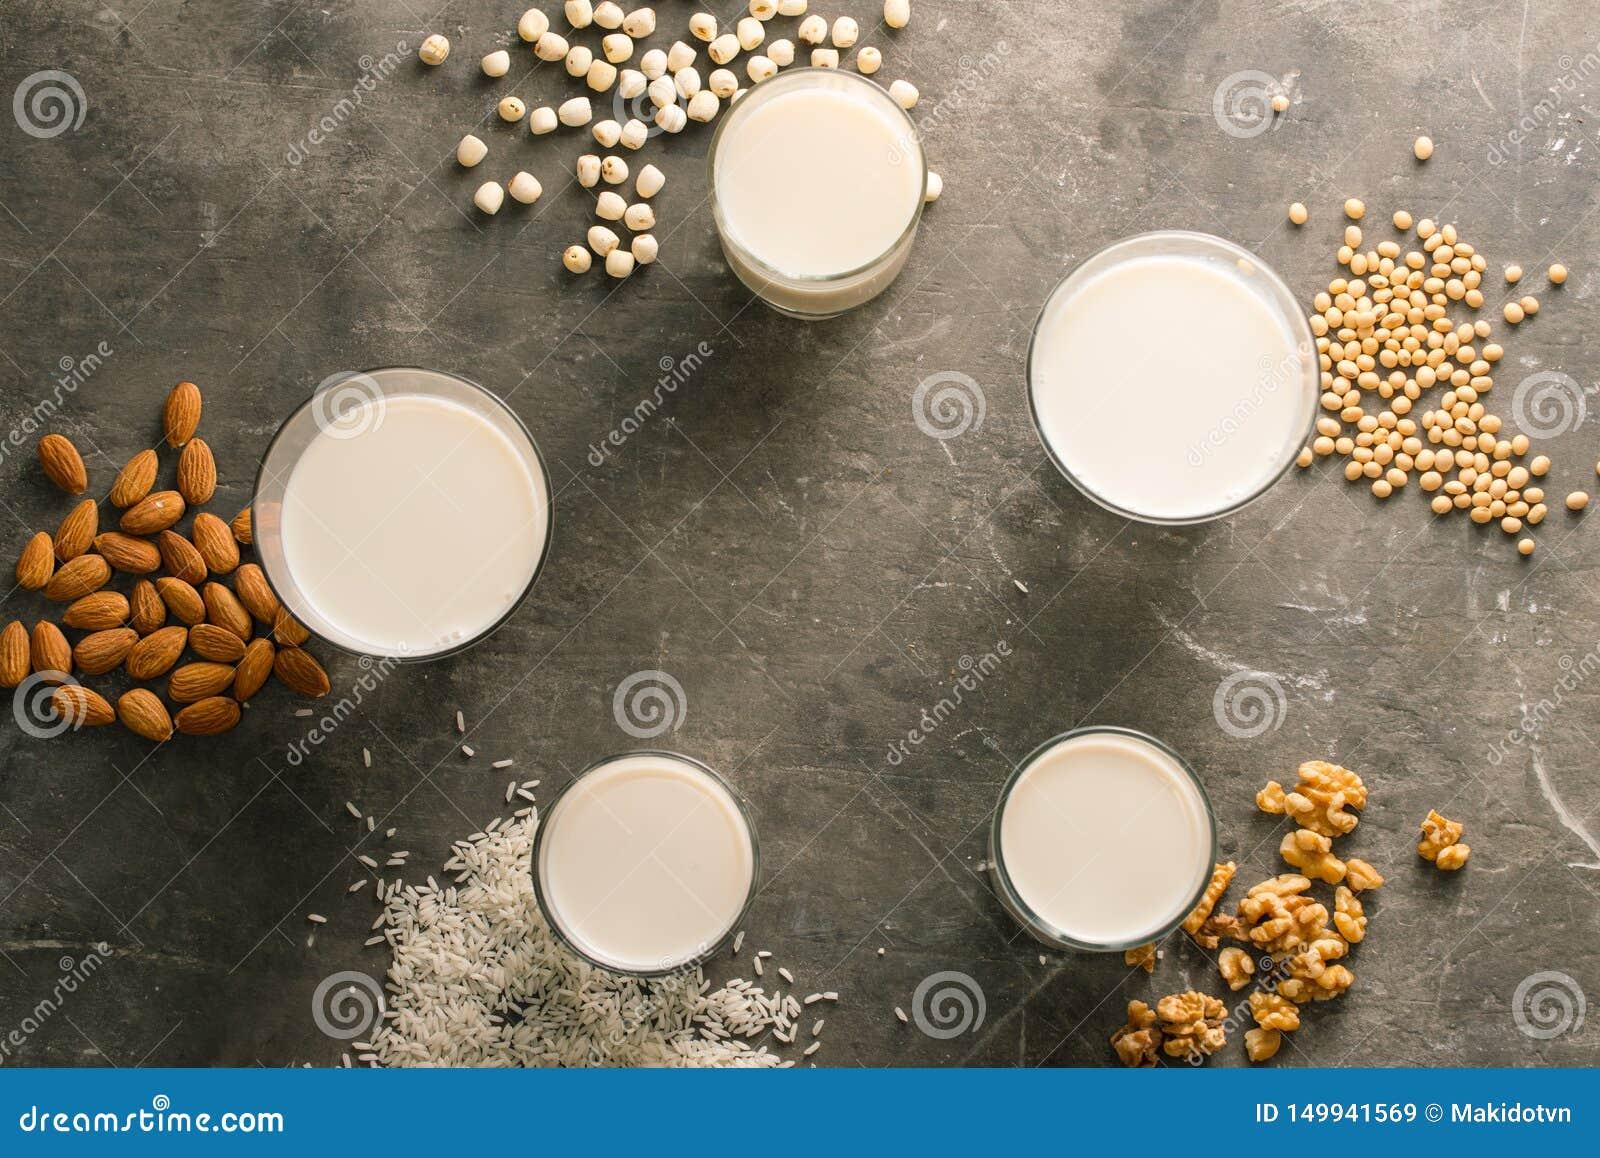 Έννοια τροφίμων και ποτών, υγειονομικής περίθαλψης, διατροφής και διατροφής